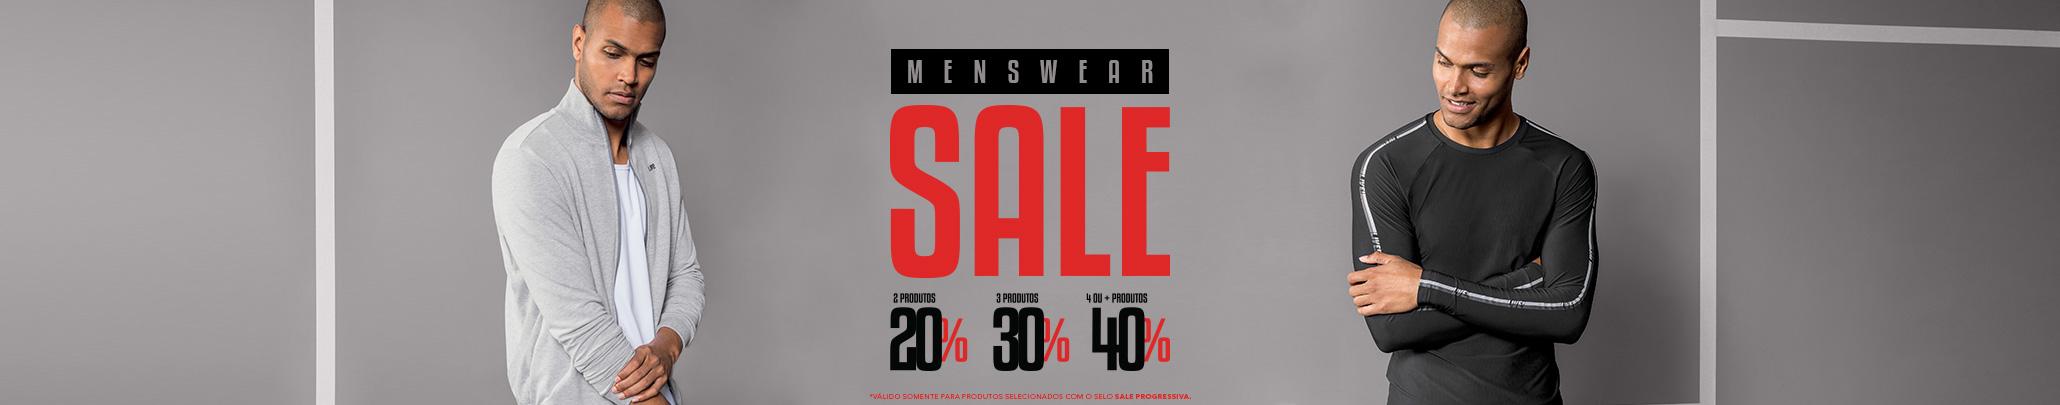 men-progressiva_DP_BR